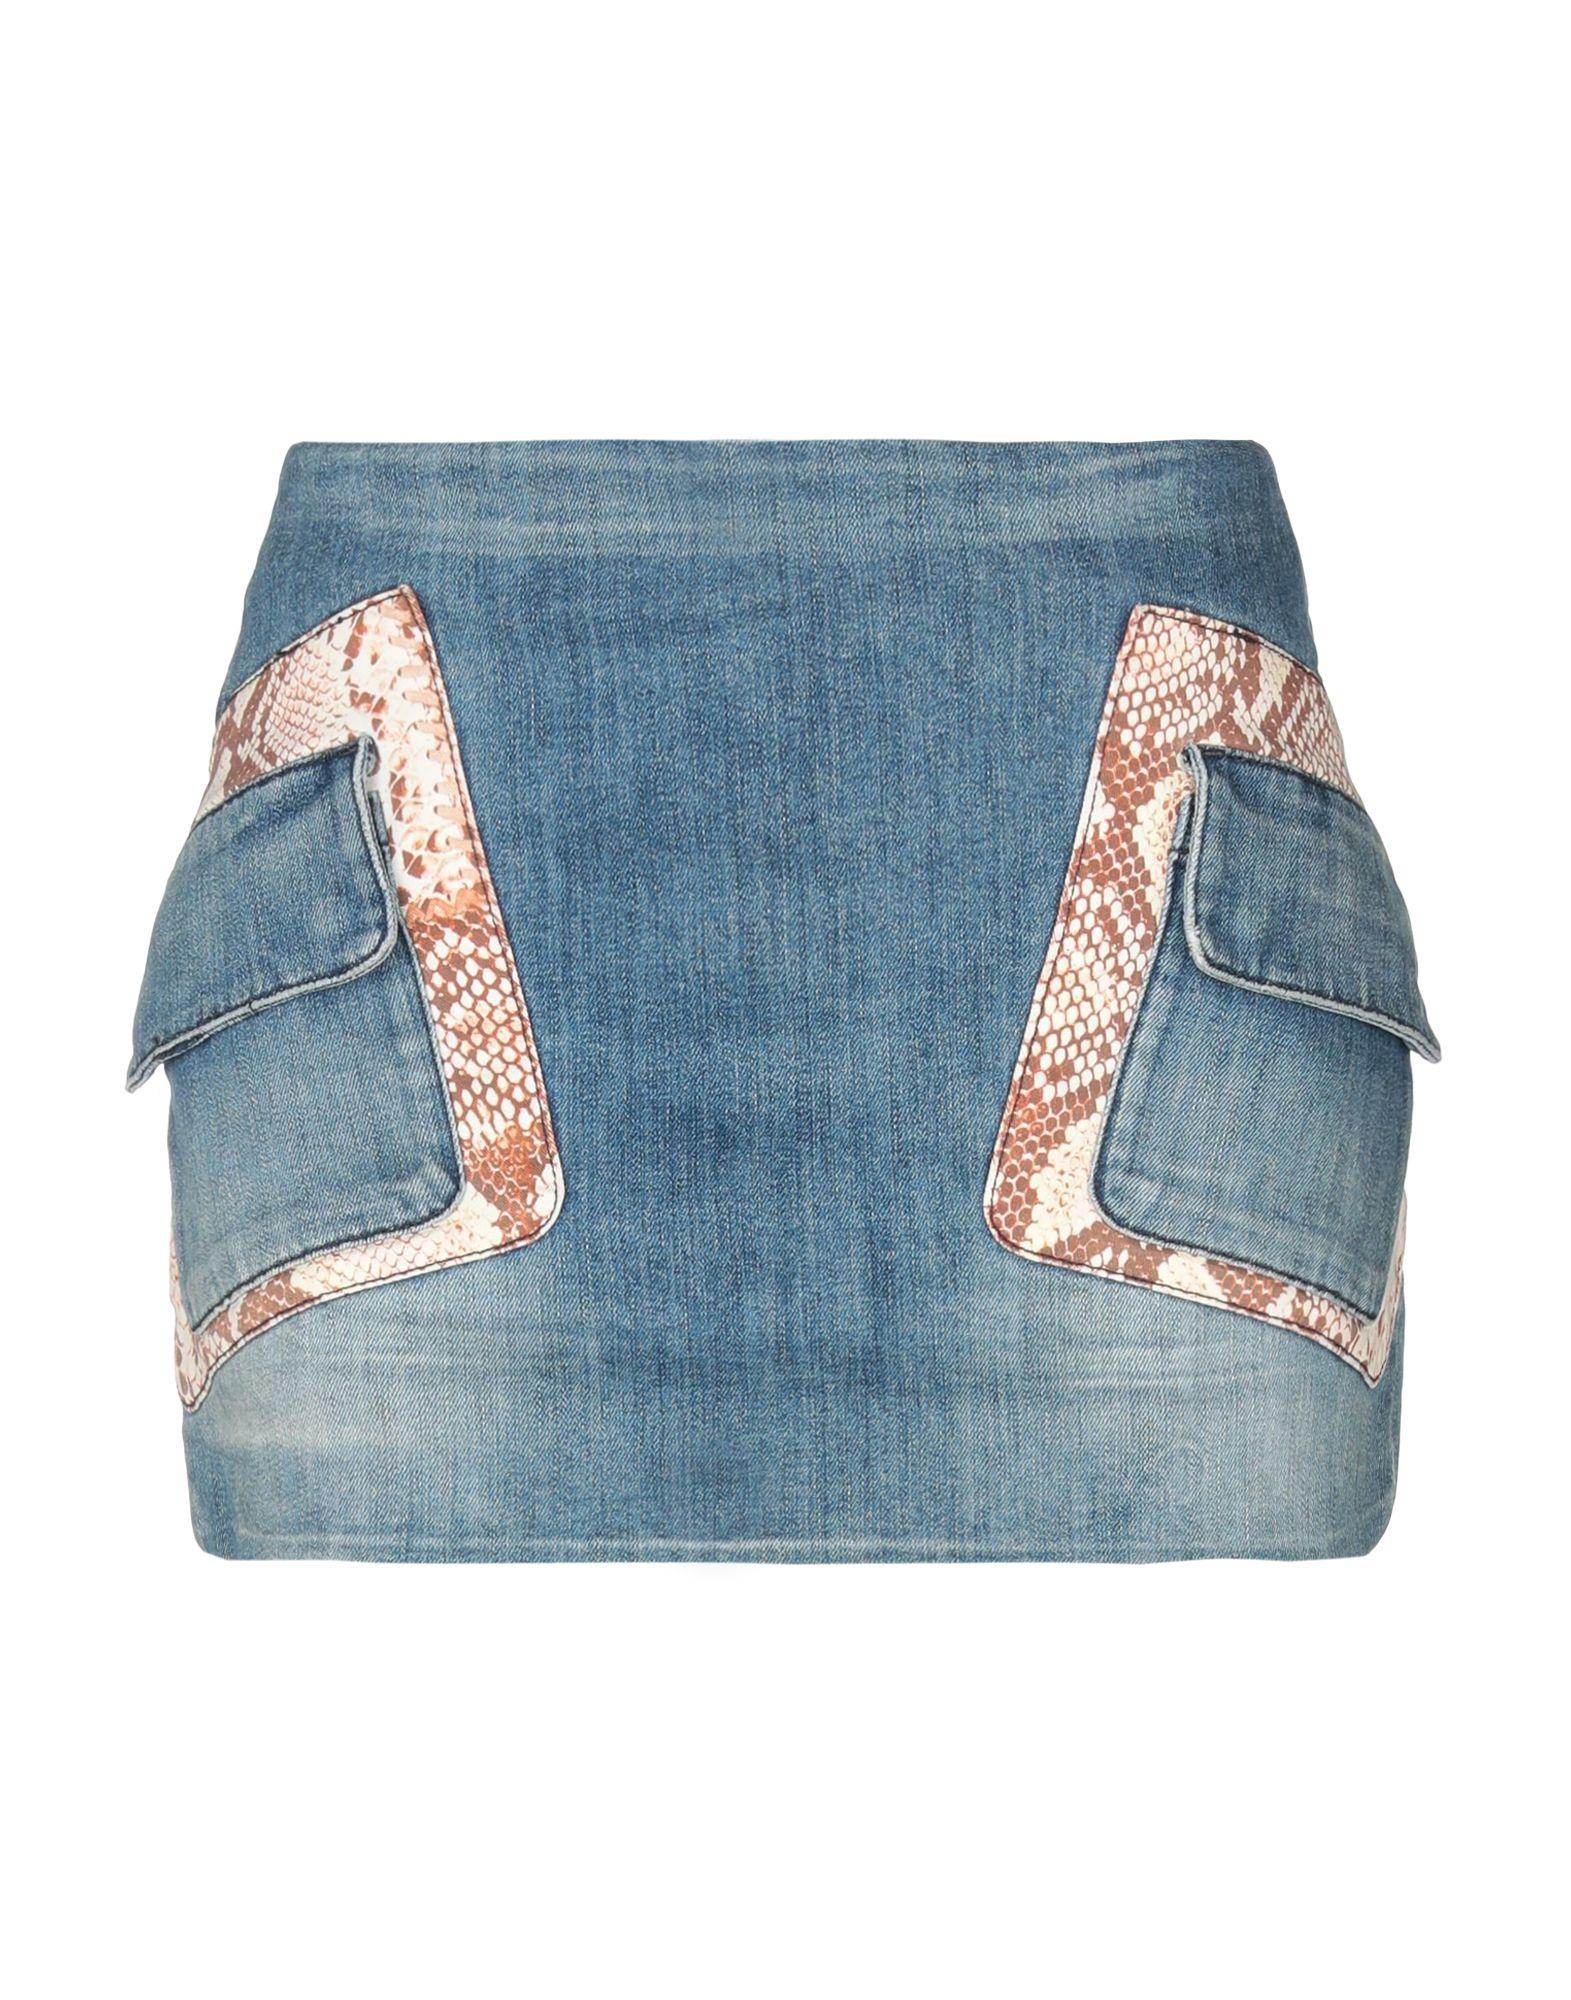 JUST CAVALLI Джинсовая юбка vinemo vorneoco корейская версия высокой талии слот пакет юбка джинсовая юбка юбка юбка r1540 серый xl